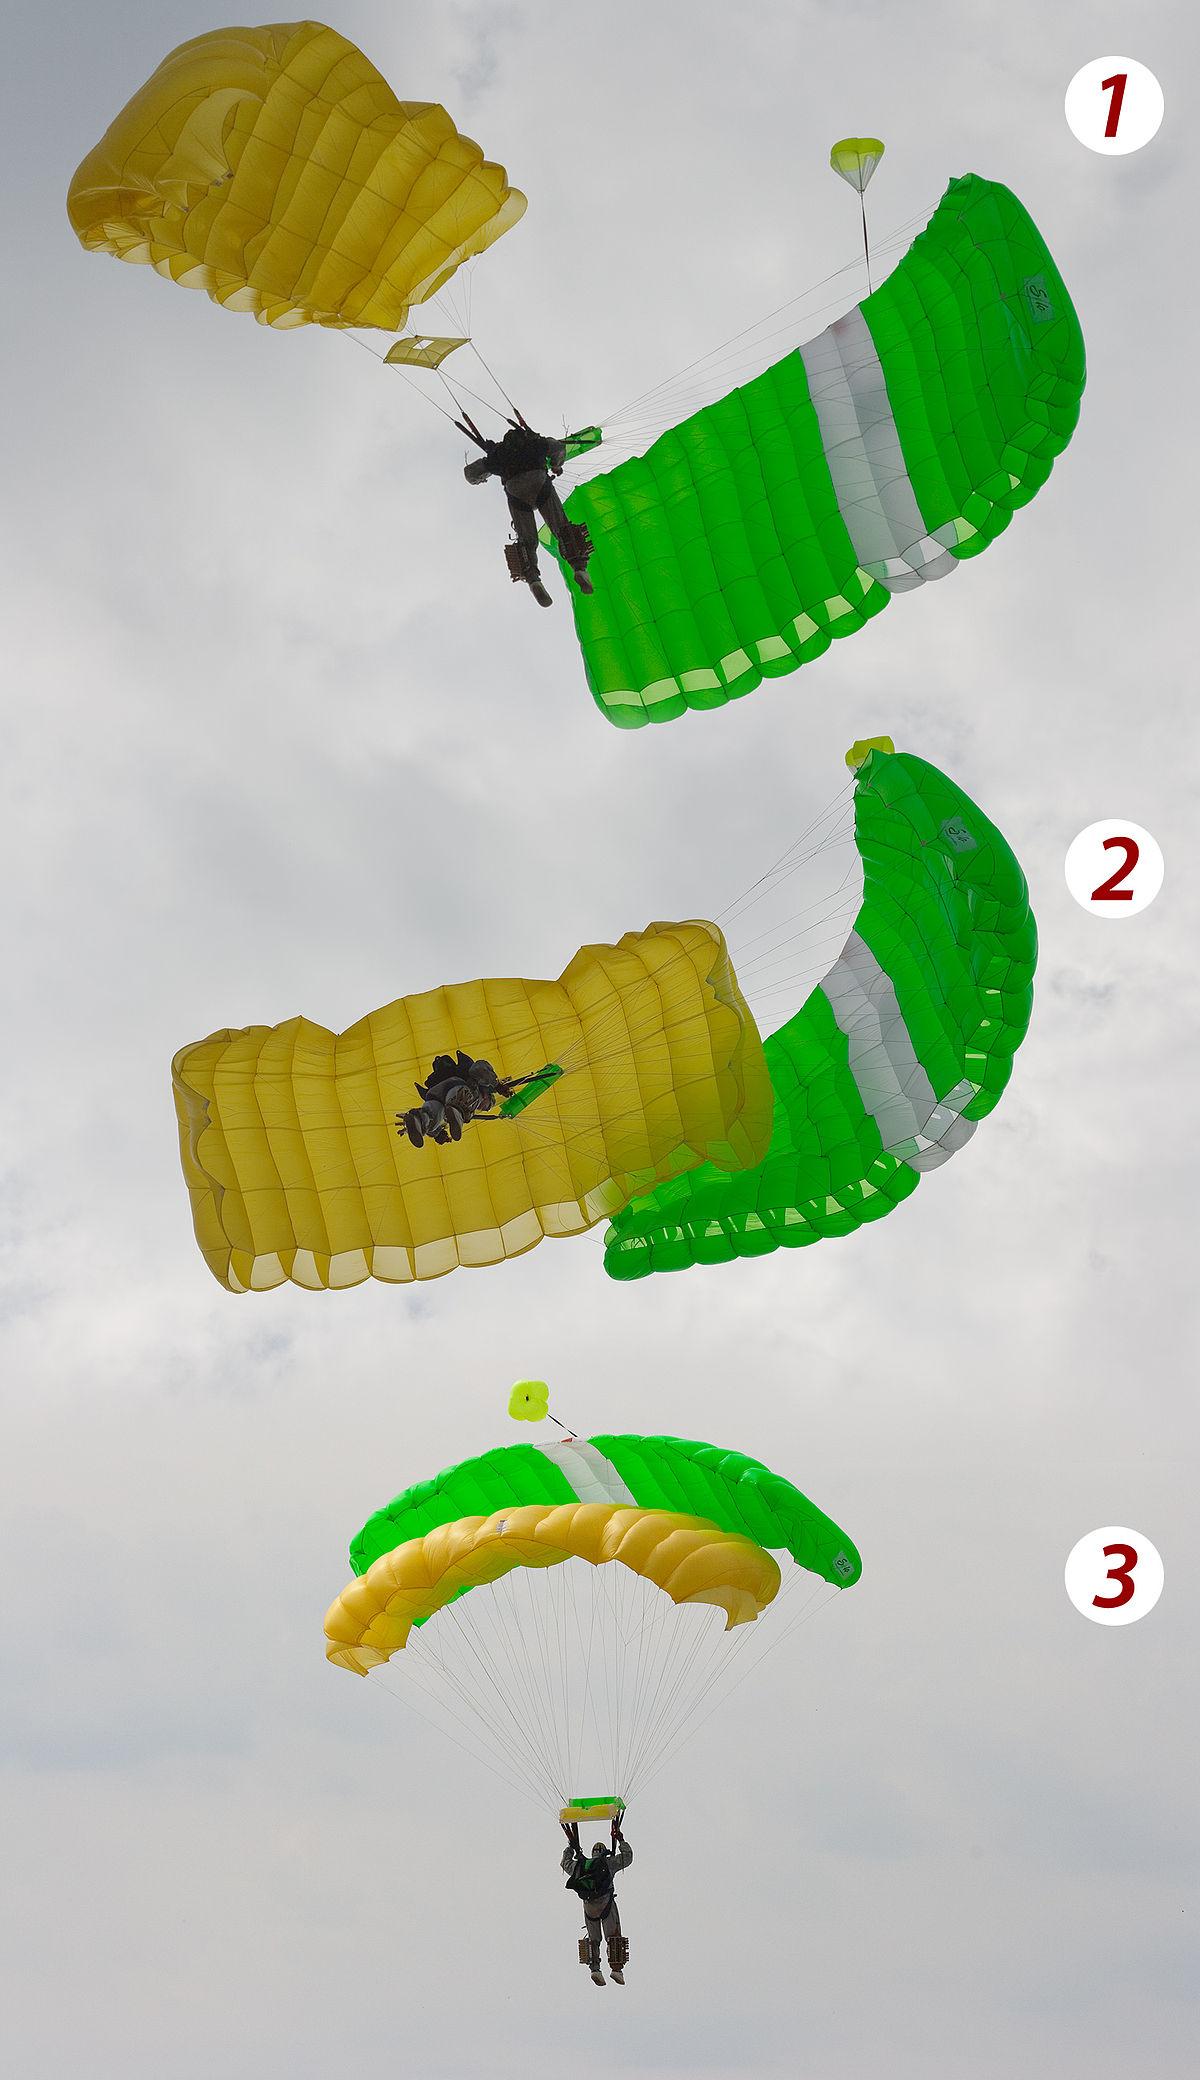 & Malfunction (parachuting) - Wikipedia